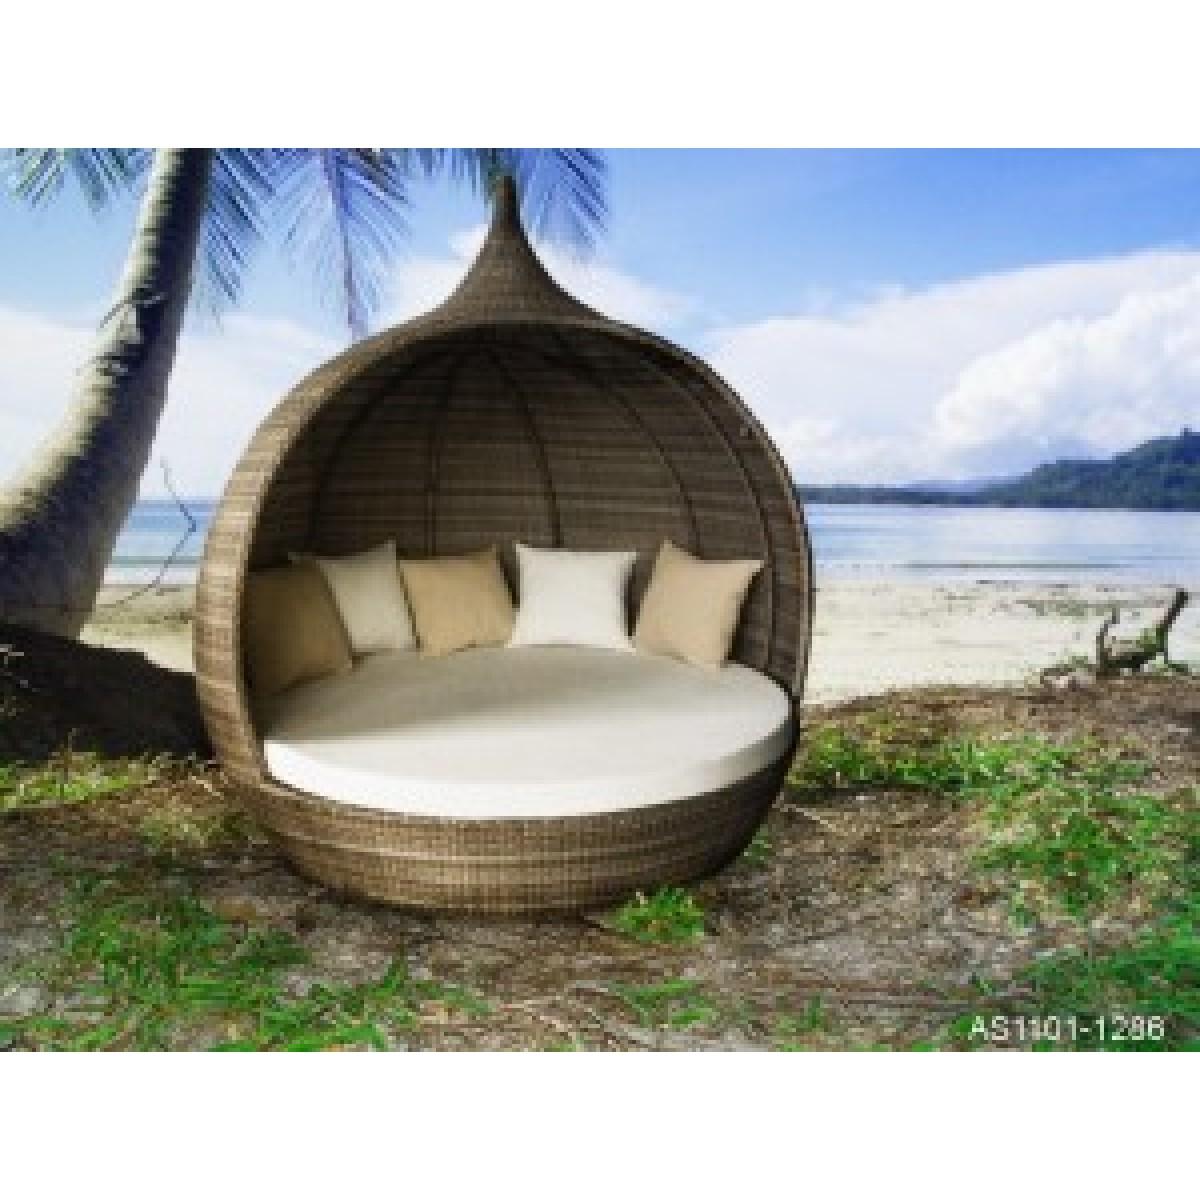 Full Size of Balinesische Betten Welcome To Artselect Shoppurchase Online Furniture Unique Coole Luxus De Günstige 180x200 Außergewöhnliche Jugend Jensen Massiv 160x200 Bett Balinesische Betten